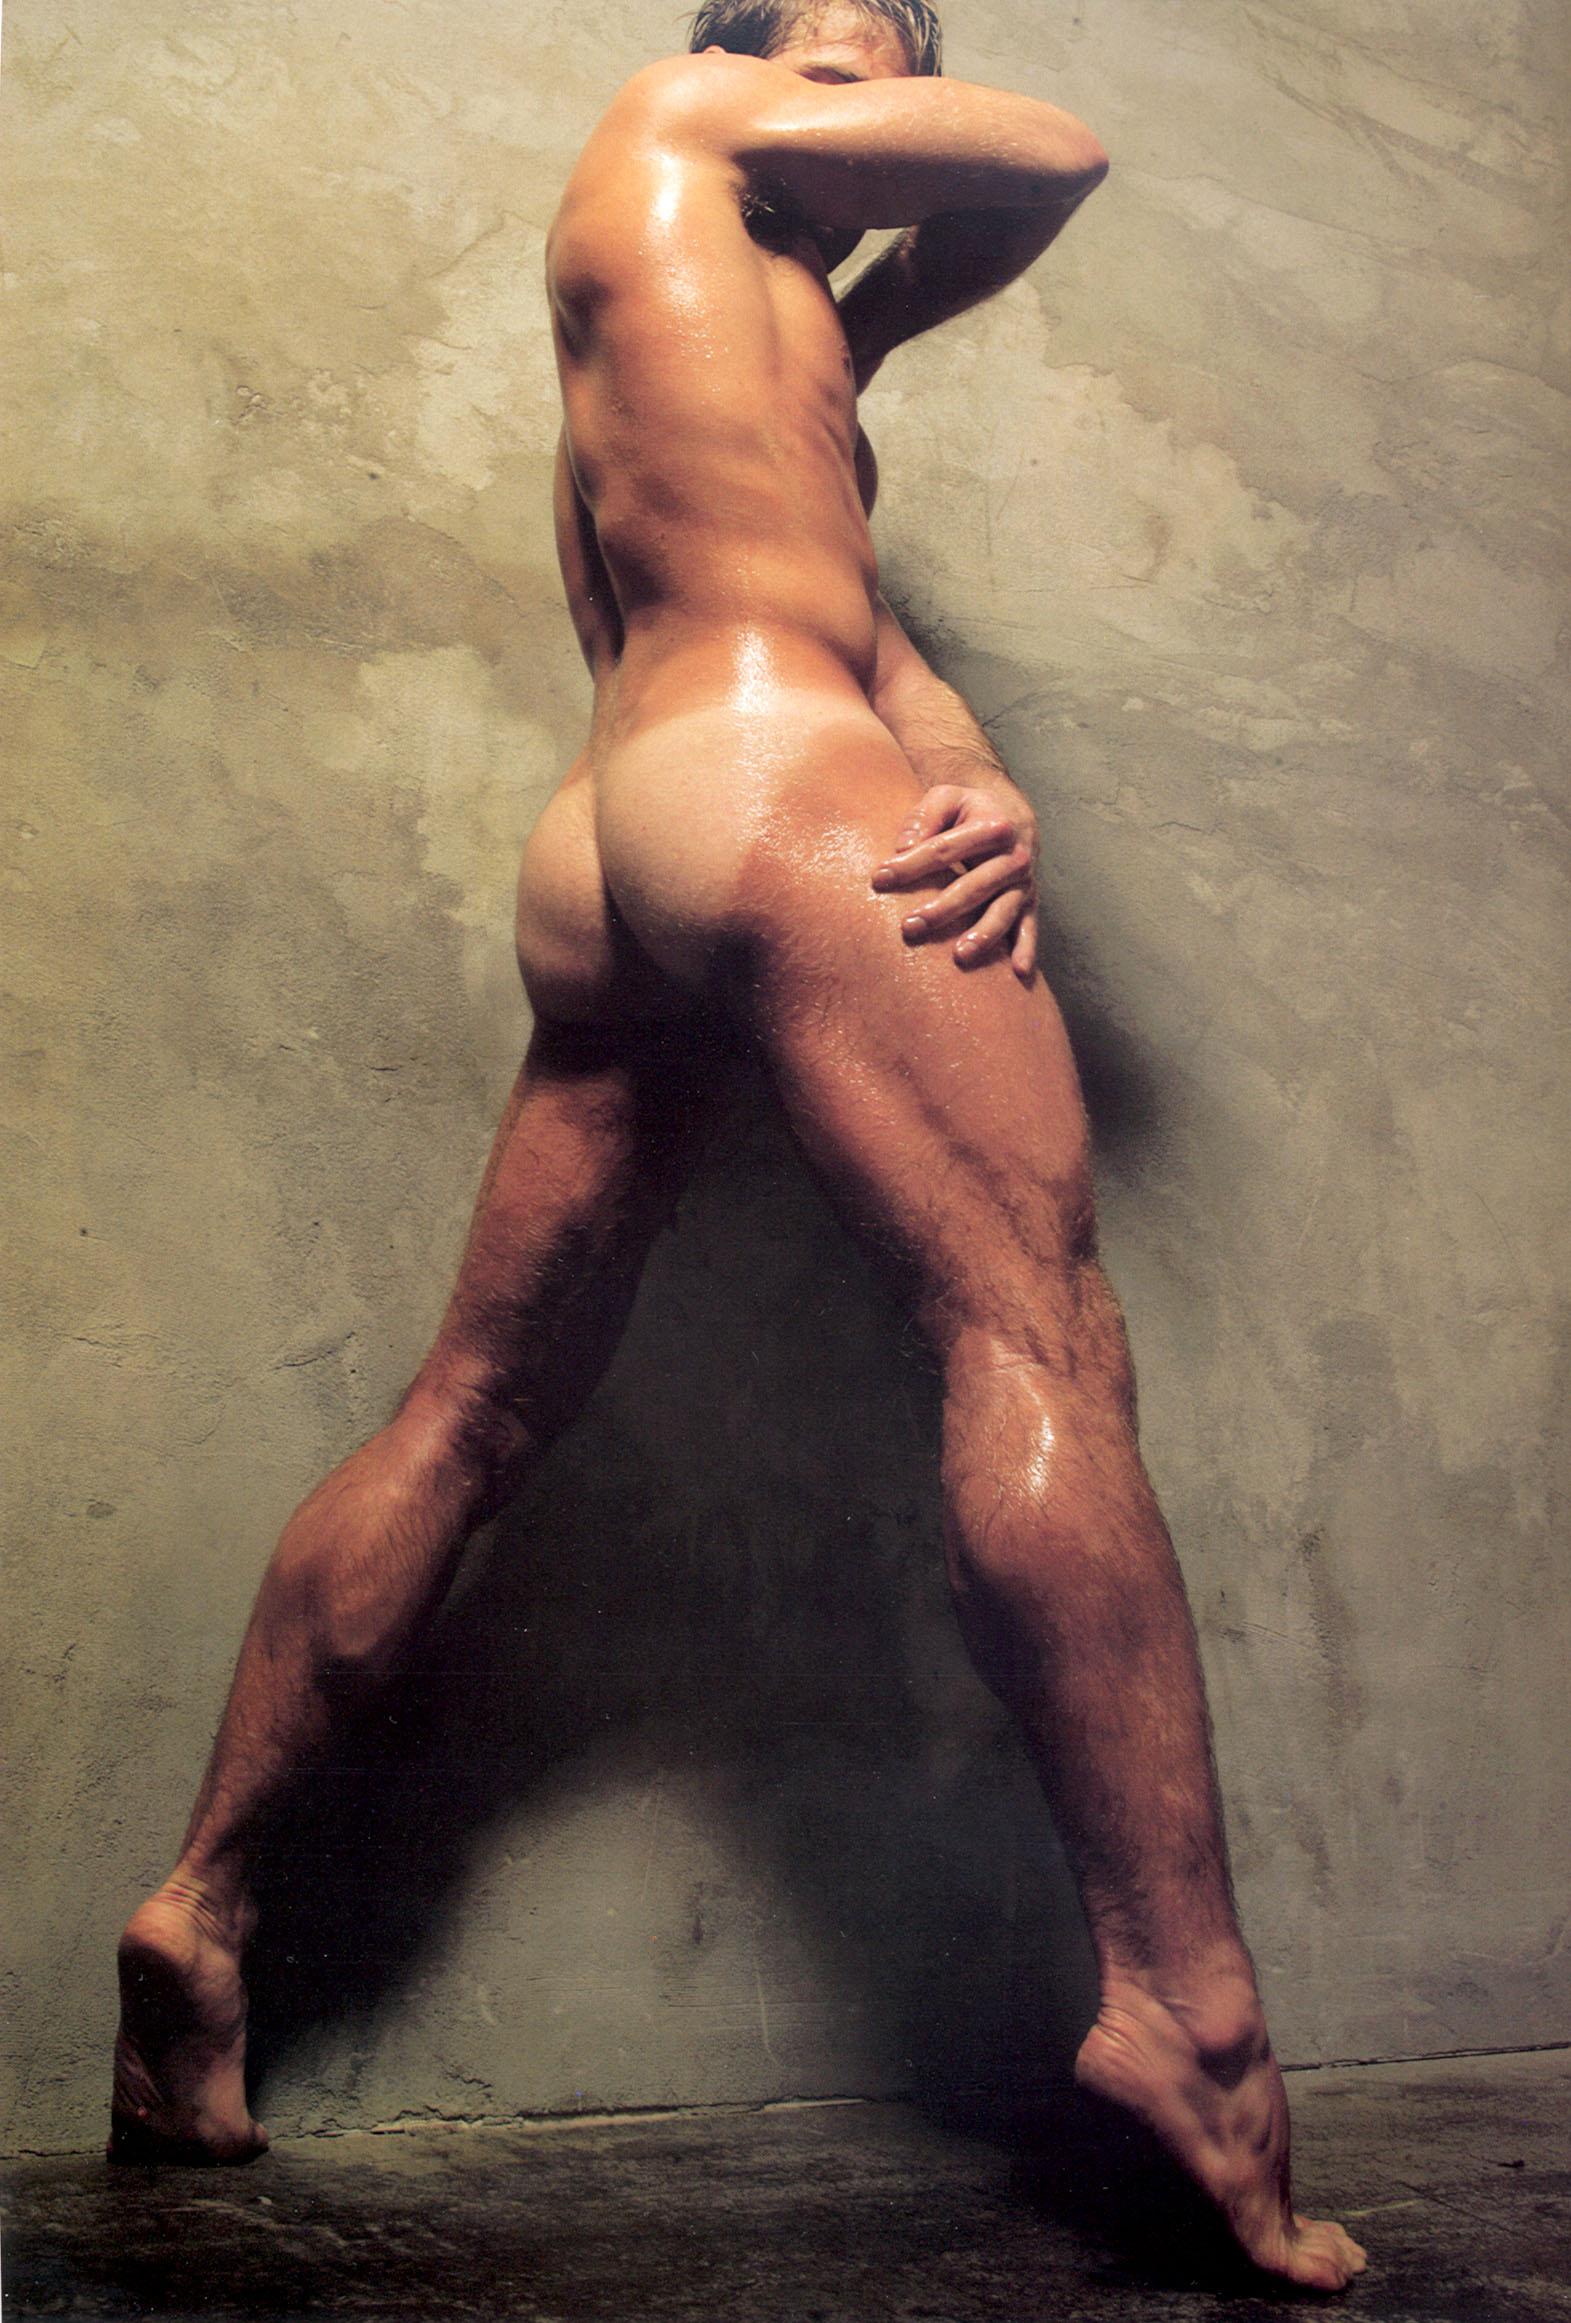 emma watson hot nude